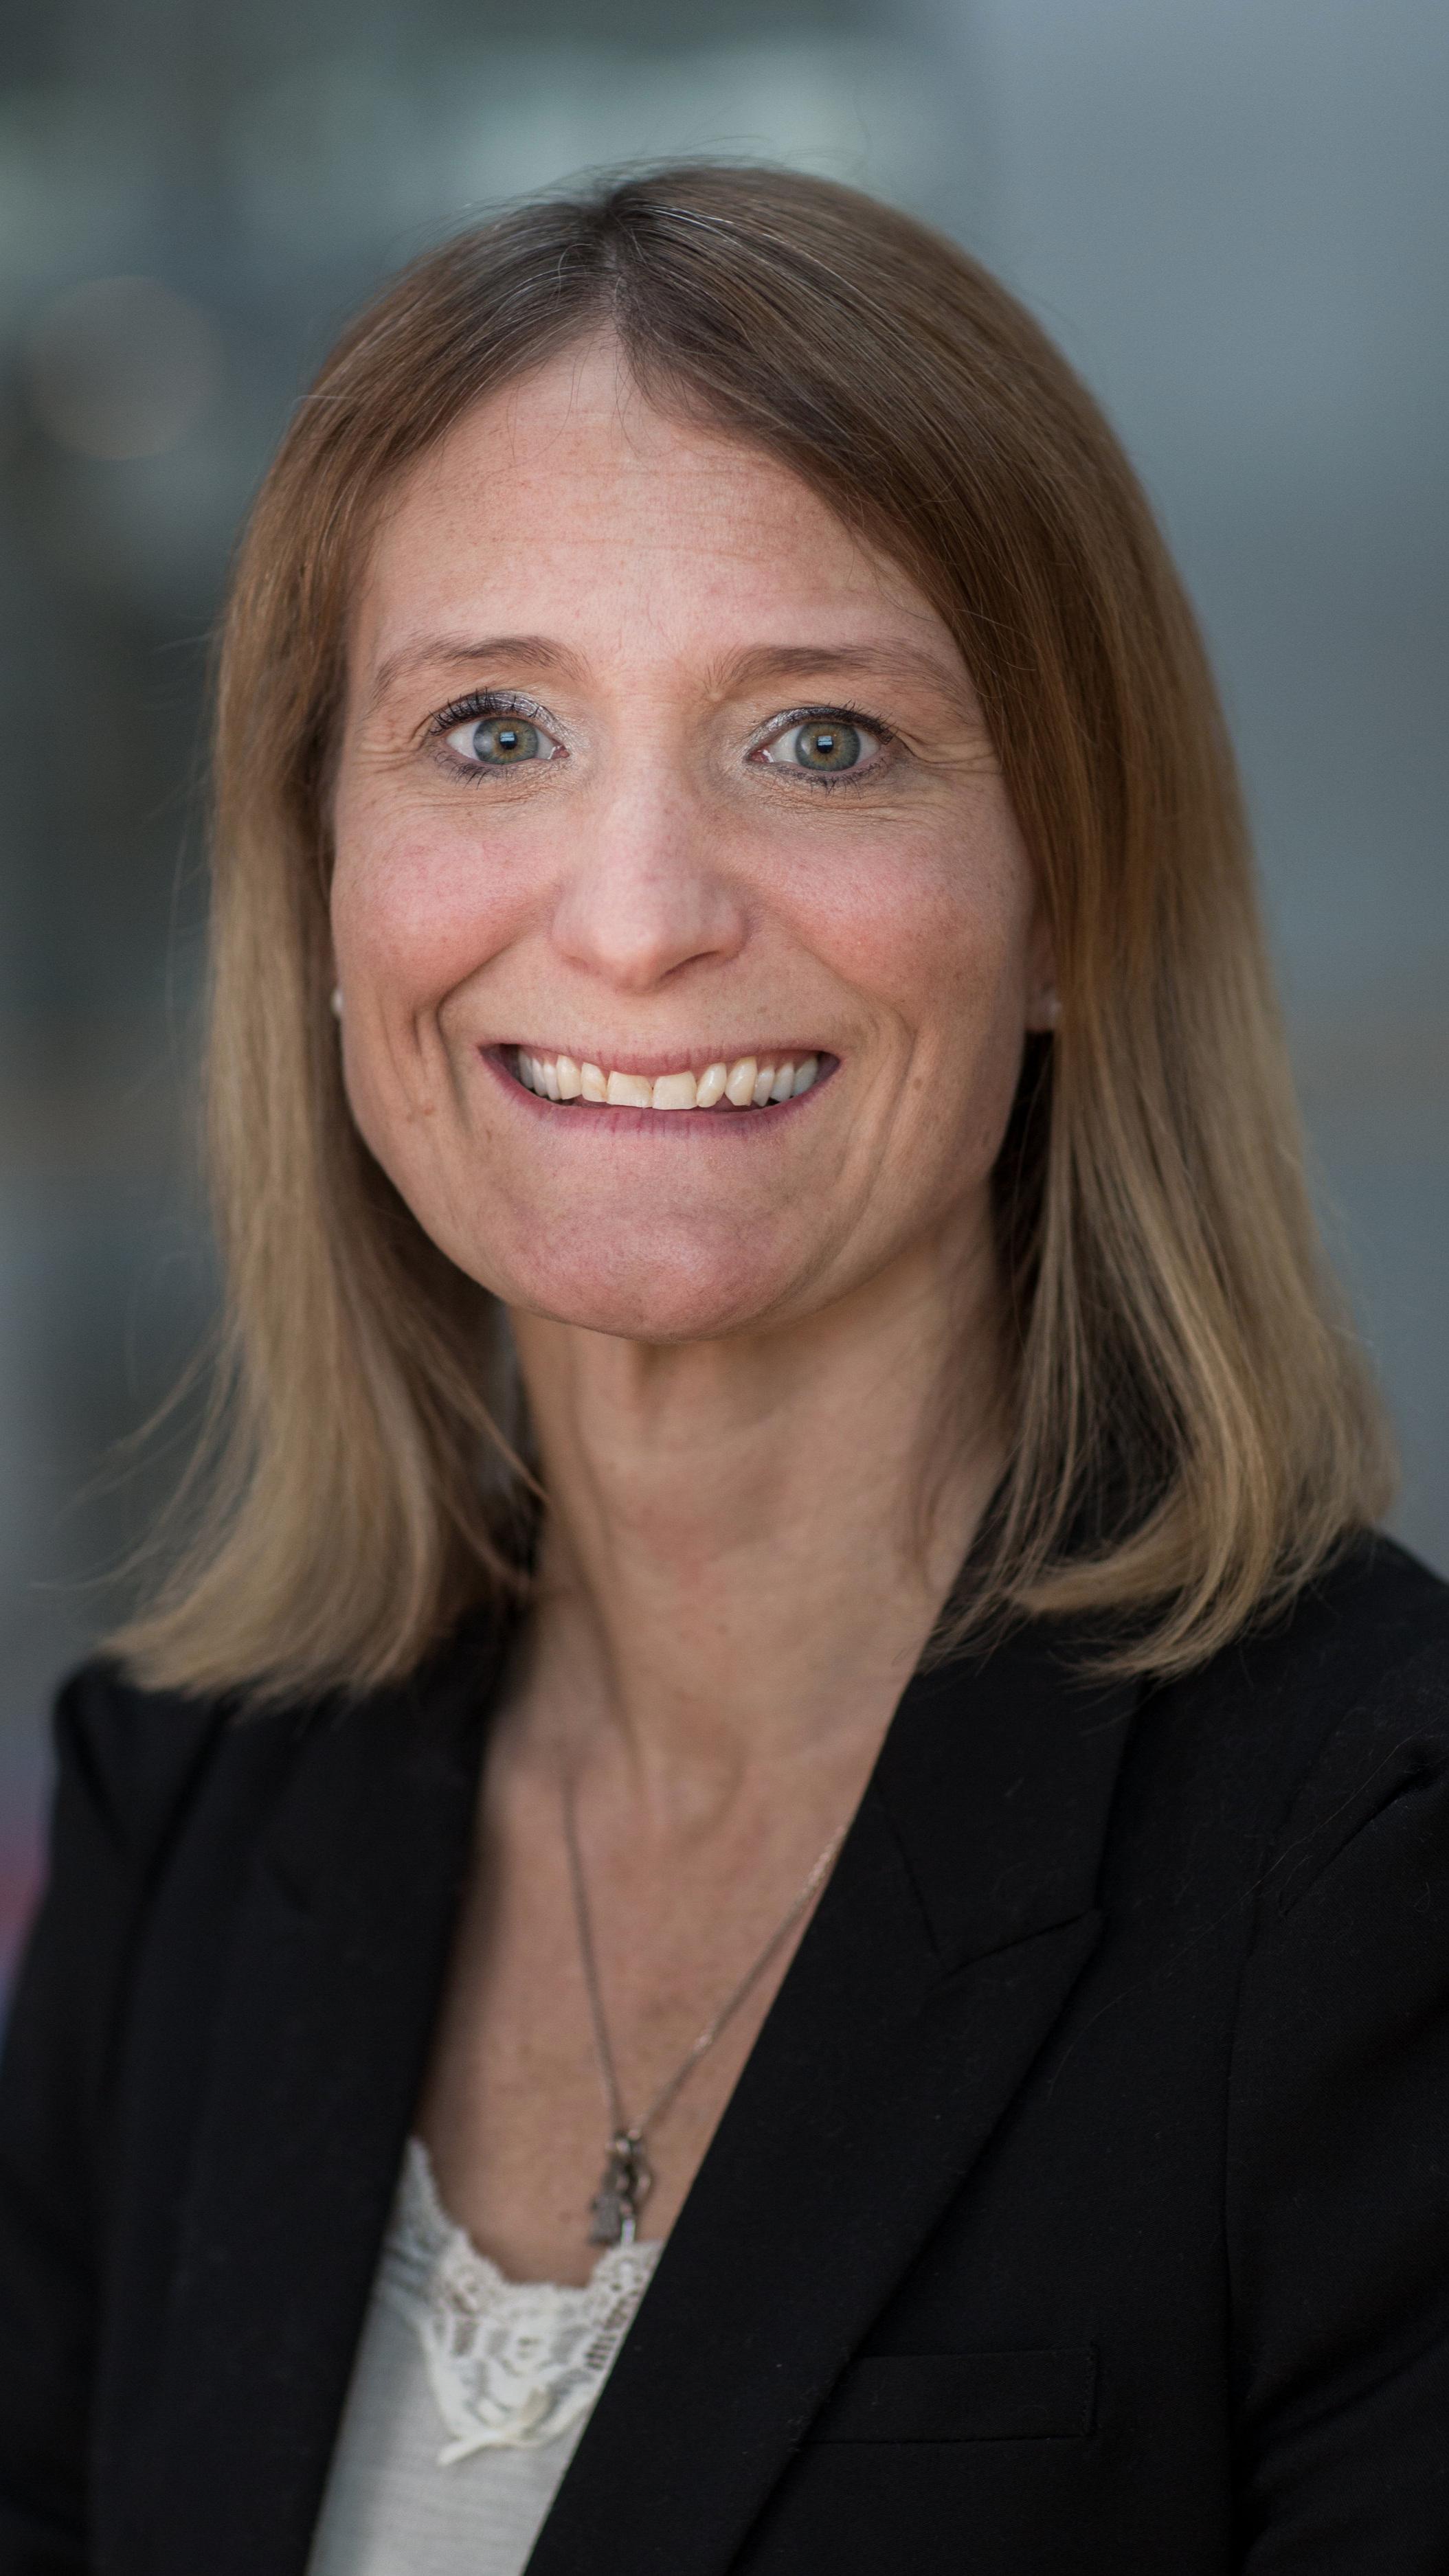 Cecilie Foss-Sausjord  – Forretningsutvikler Corporate, Handelshøyskolen BI